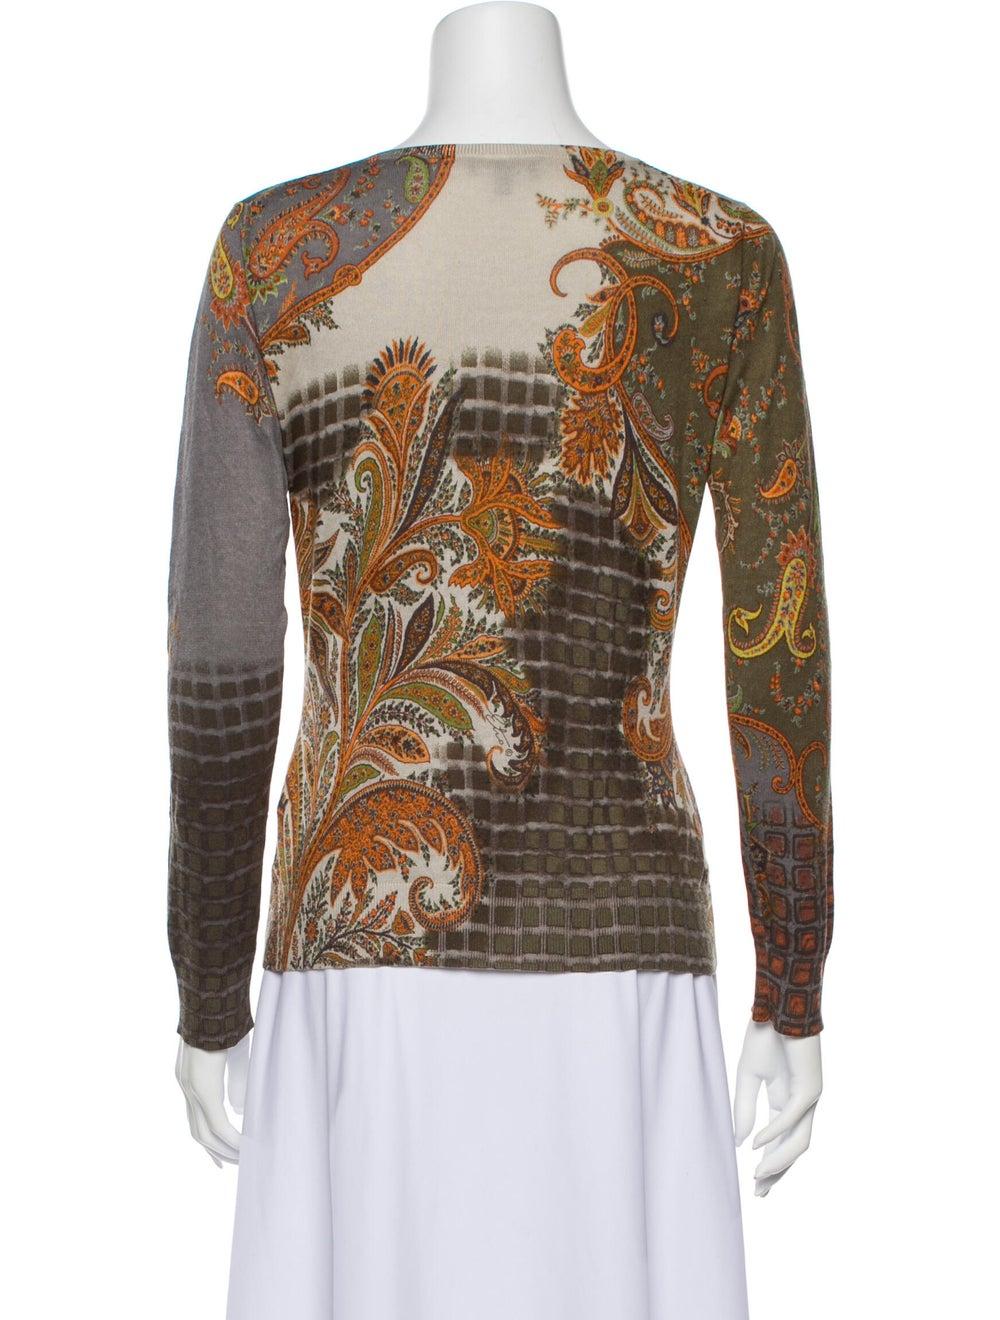 Etro Silk Paisley Print Sweater - image 3